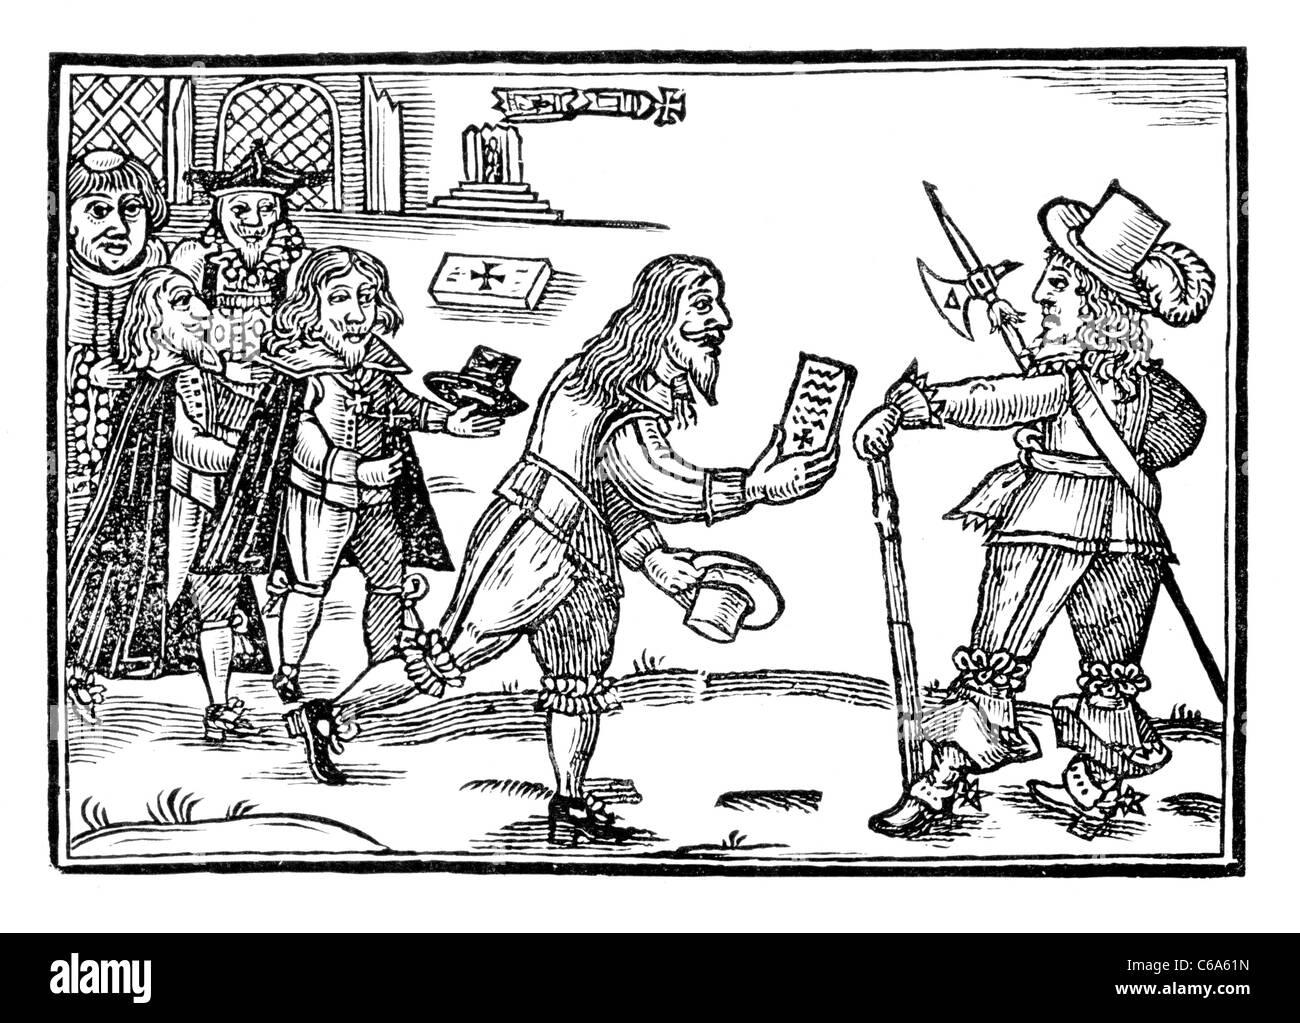 La humilde Petición de tiña de Braid Escocia; Lotes de 1648; ilustración en blanco y negro Imagen De Stock